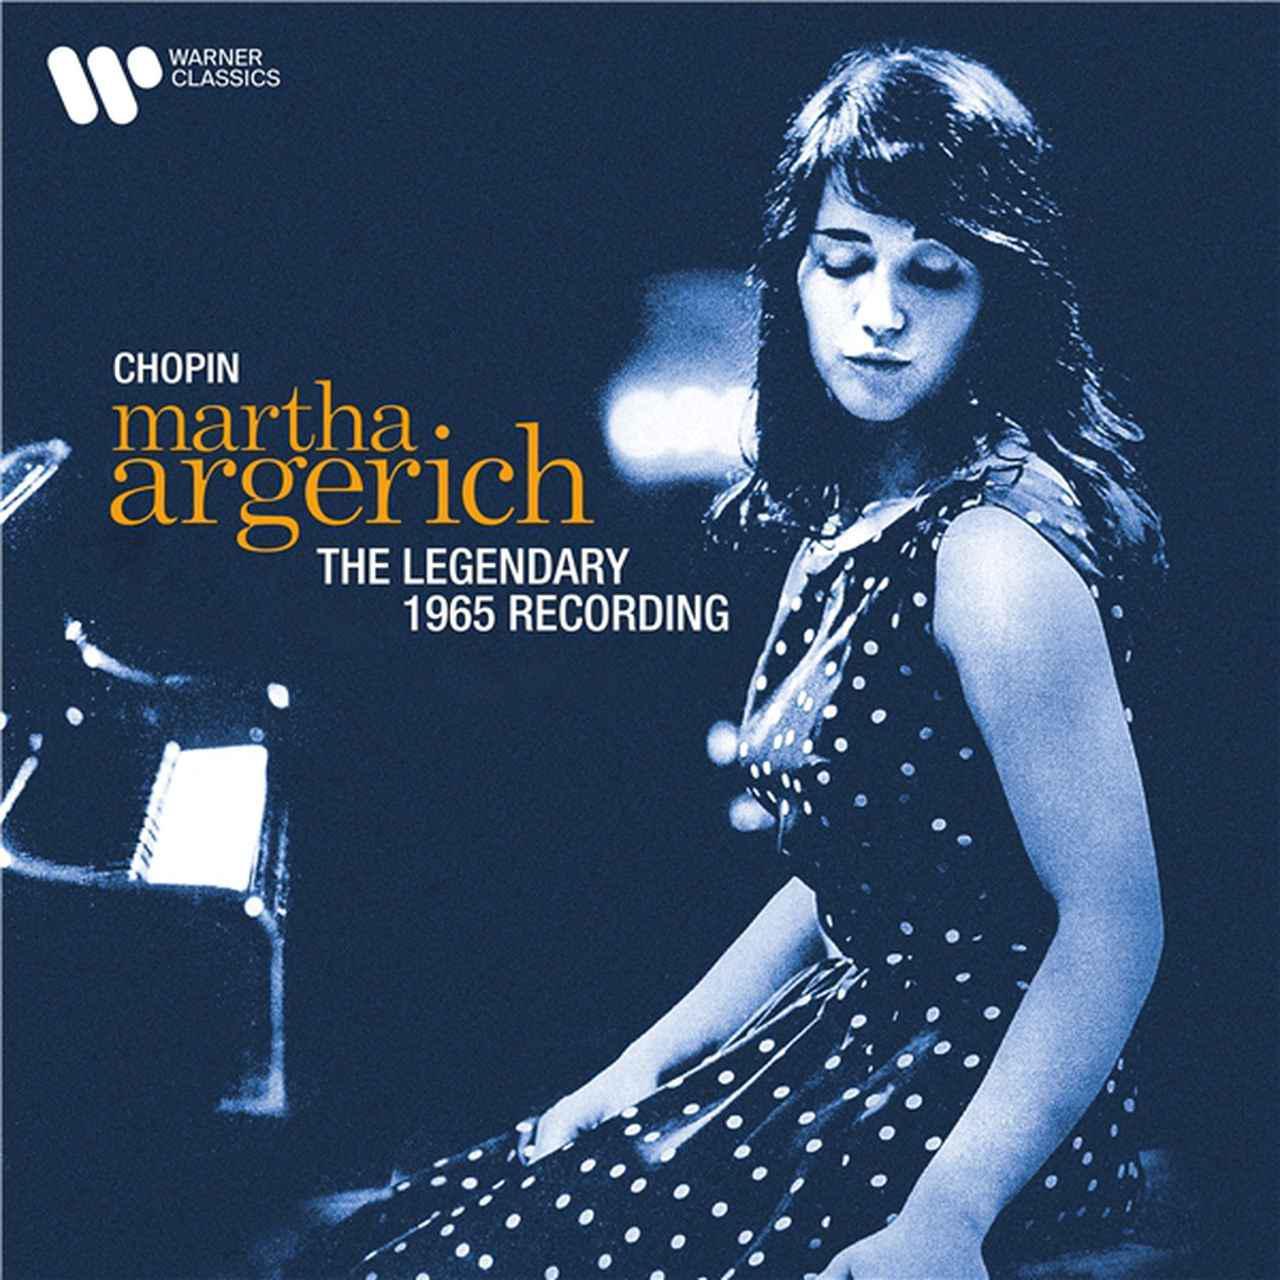 画像: Chopin: The Legendary 1965 Recording (2021 Remastered Version) / Martha Argerich